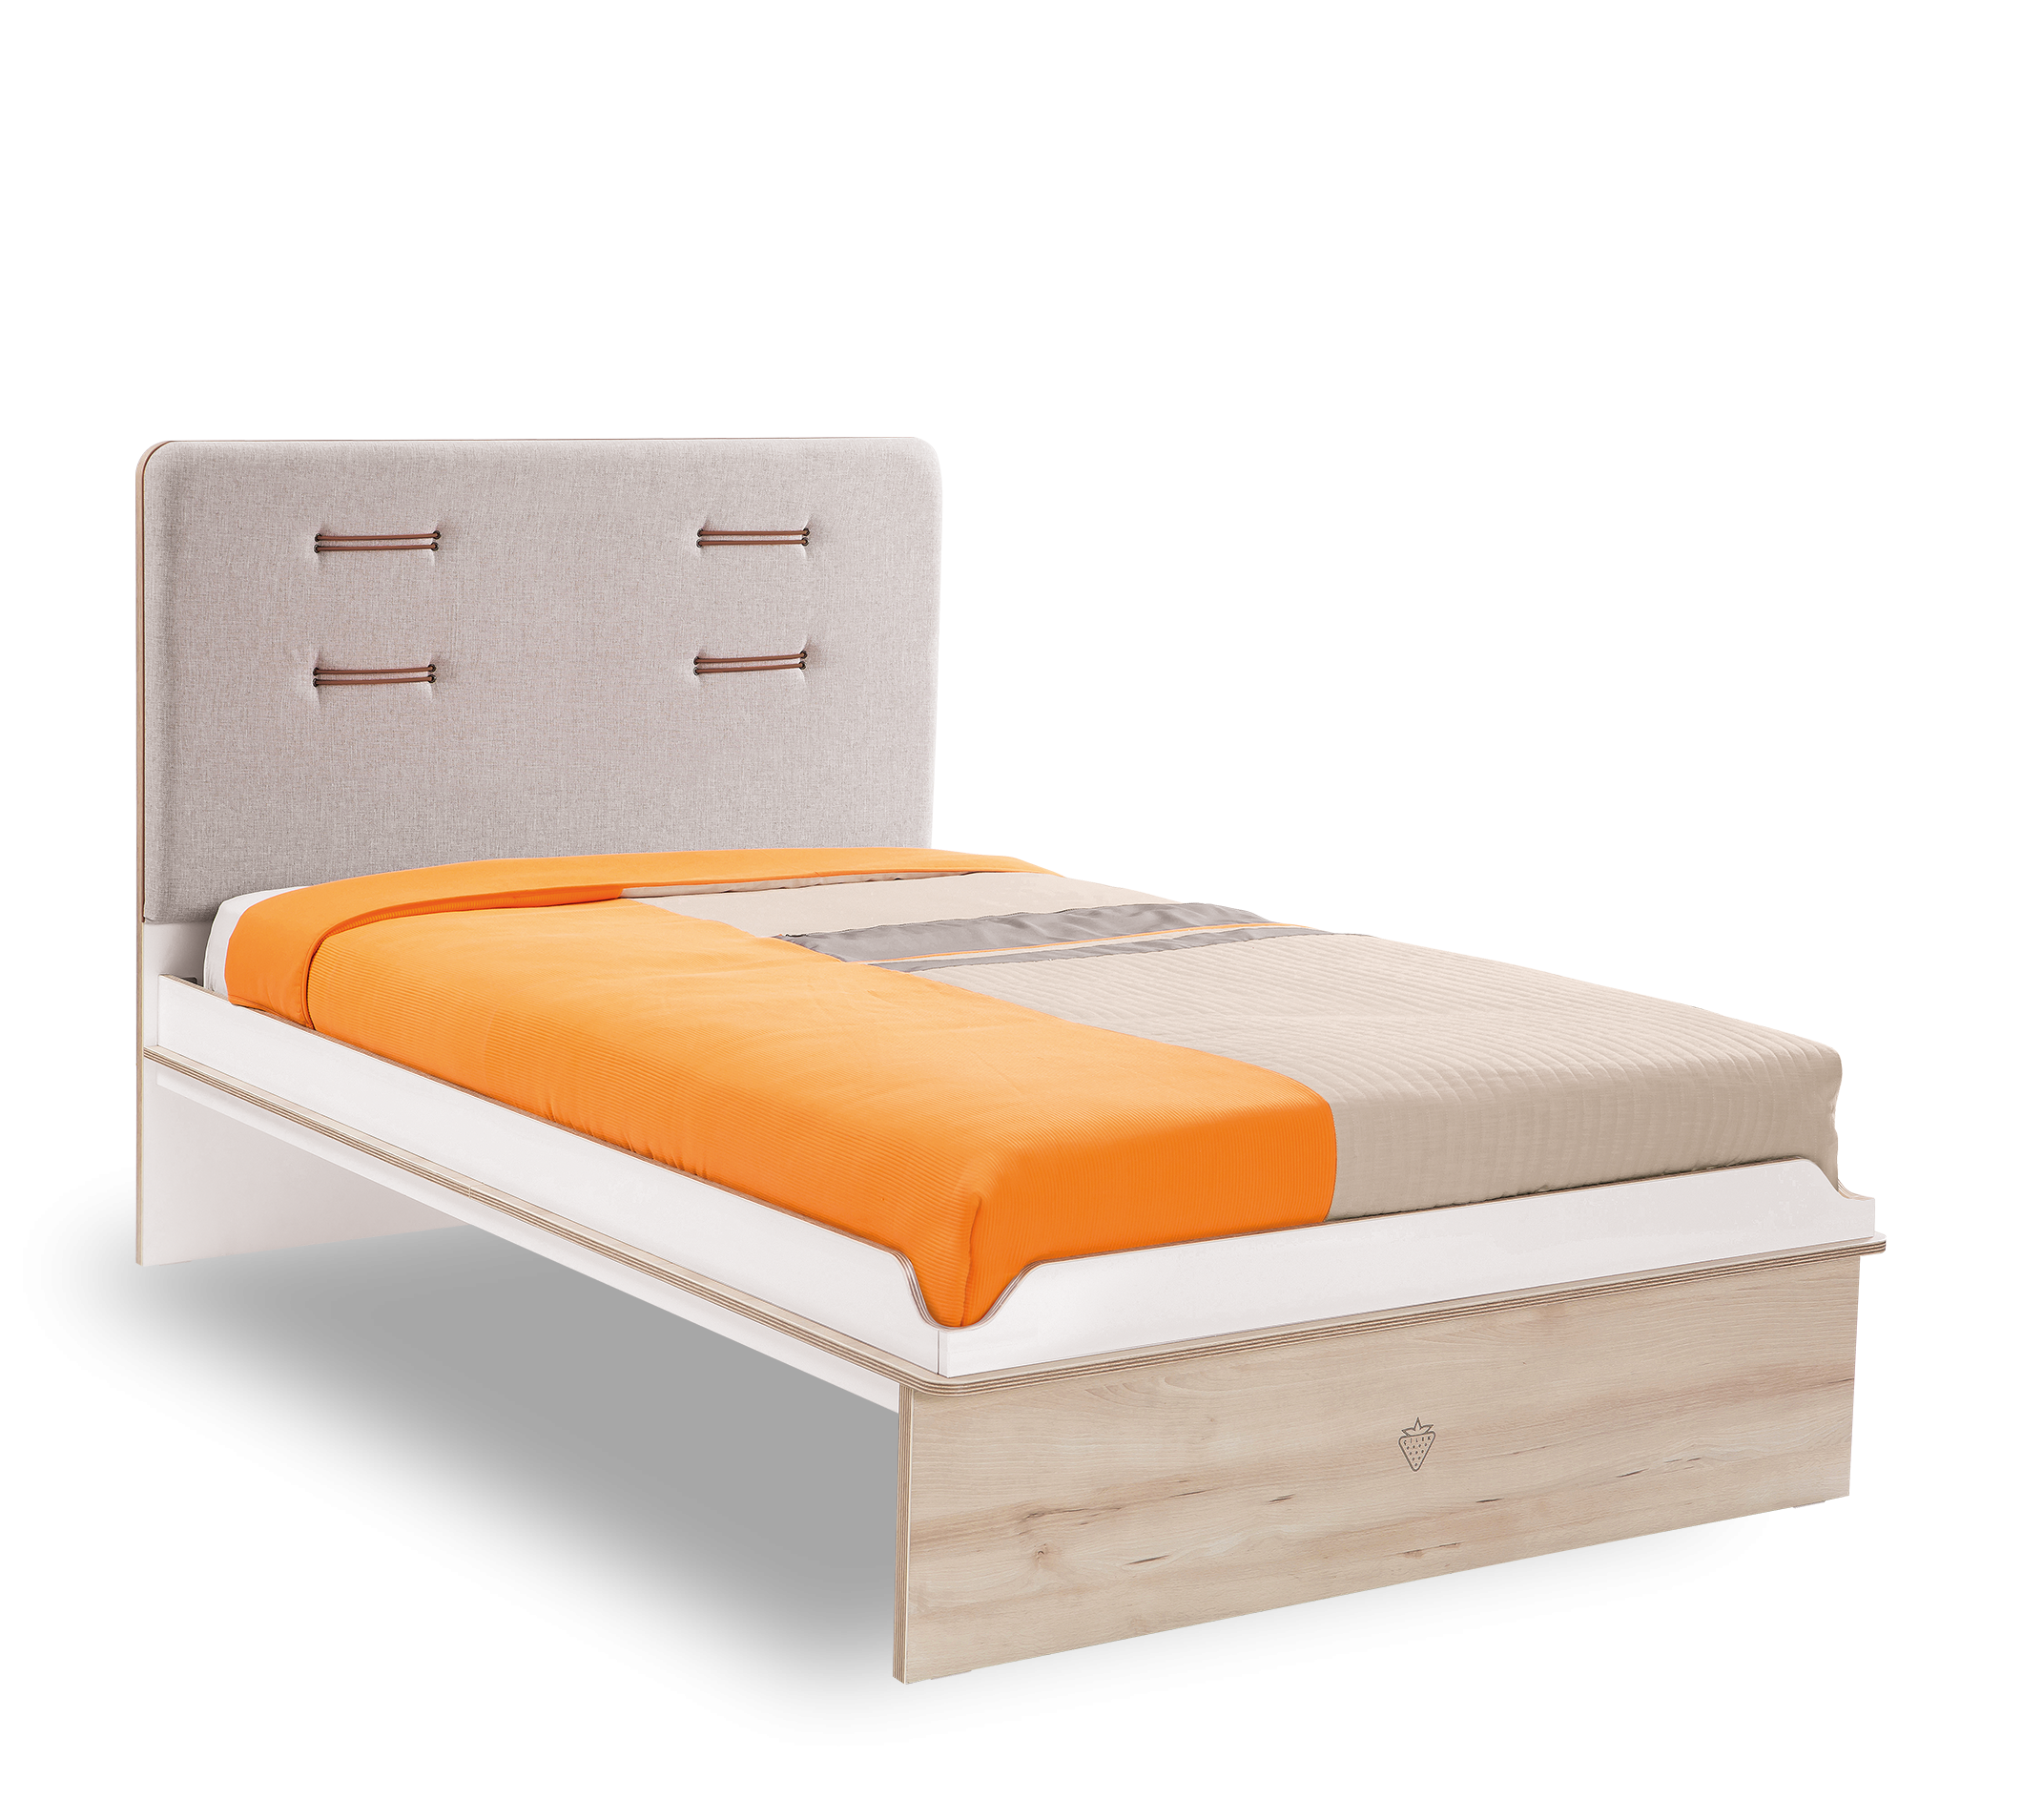 Full Size of Dynamic Bett 120x200 Cm Lek Weiß Mit Bettkasten Betten Matratze Und Lattenrost Wohnzimmer Bettgestell 120x200